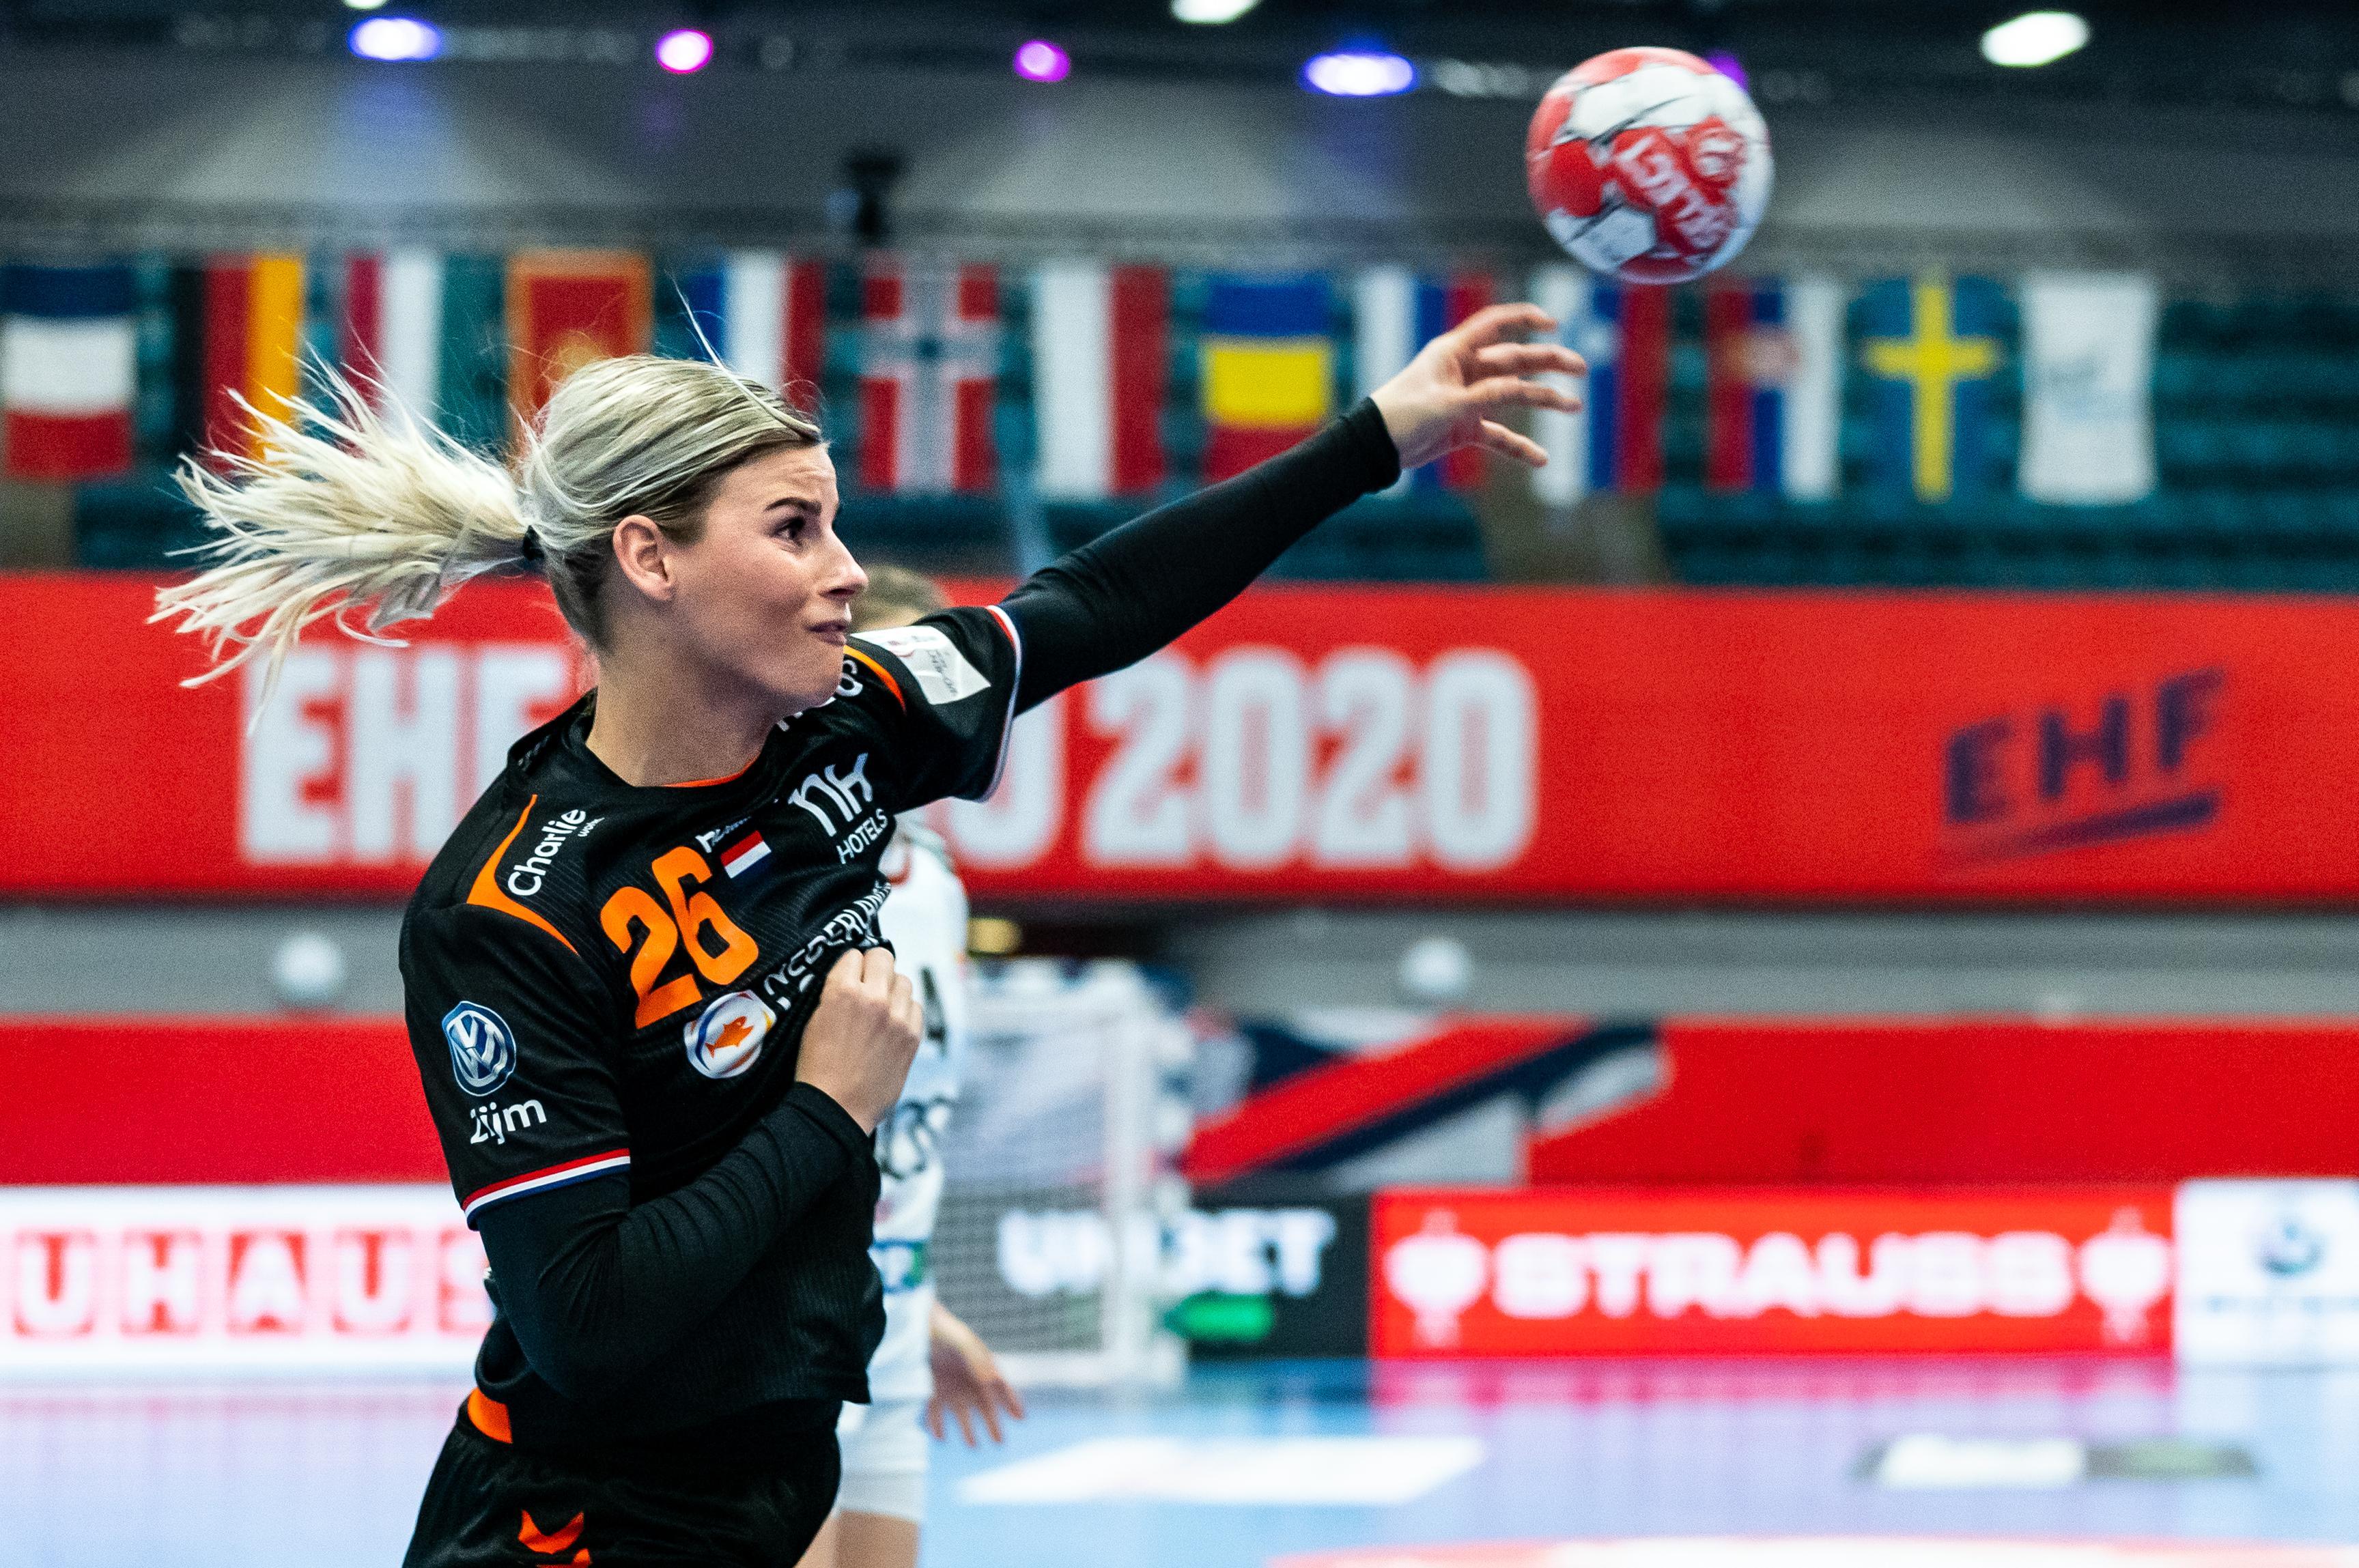 Spakenburgse handbalster Angela Malestein pakt hoofdrol in haar 150e interland en weet dat nummer 151 tegen Noorwegen loodzwaar wordt